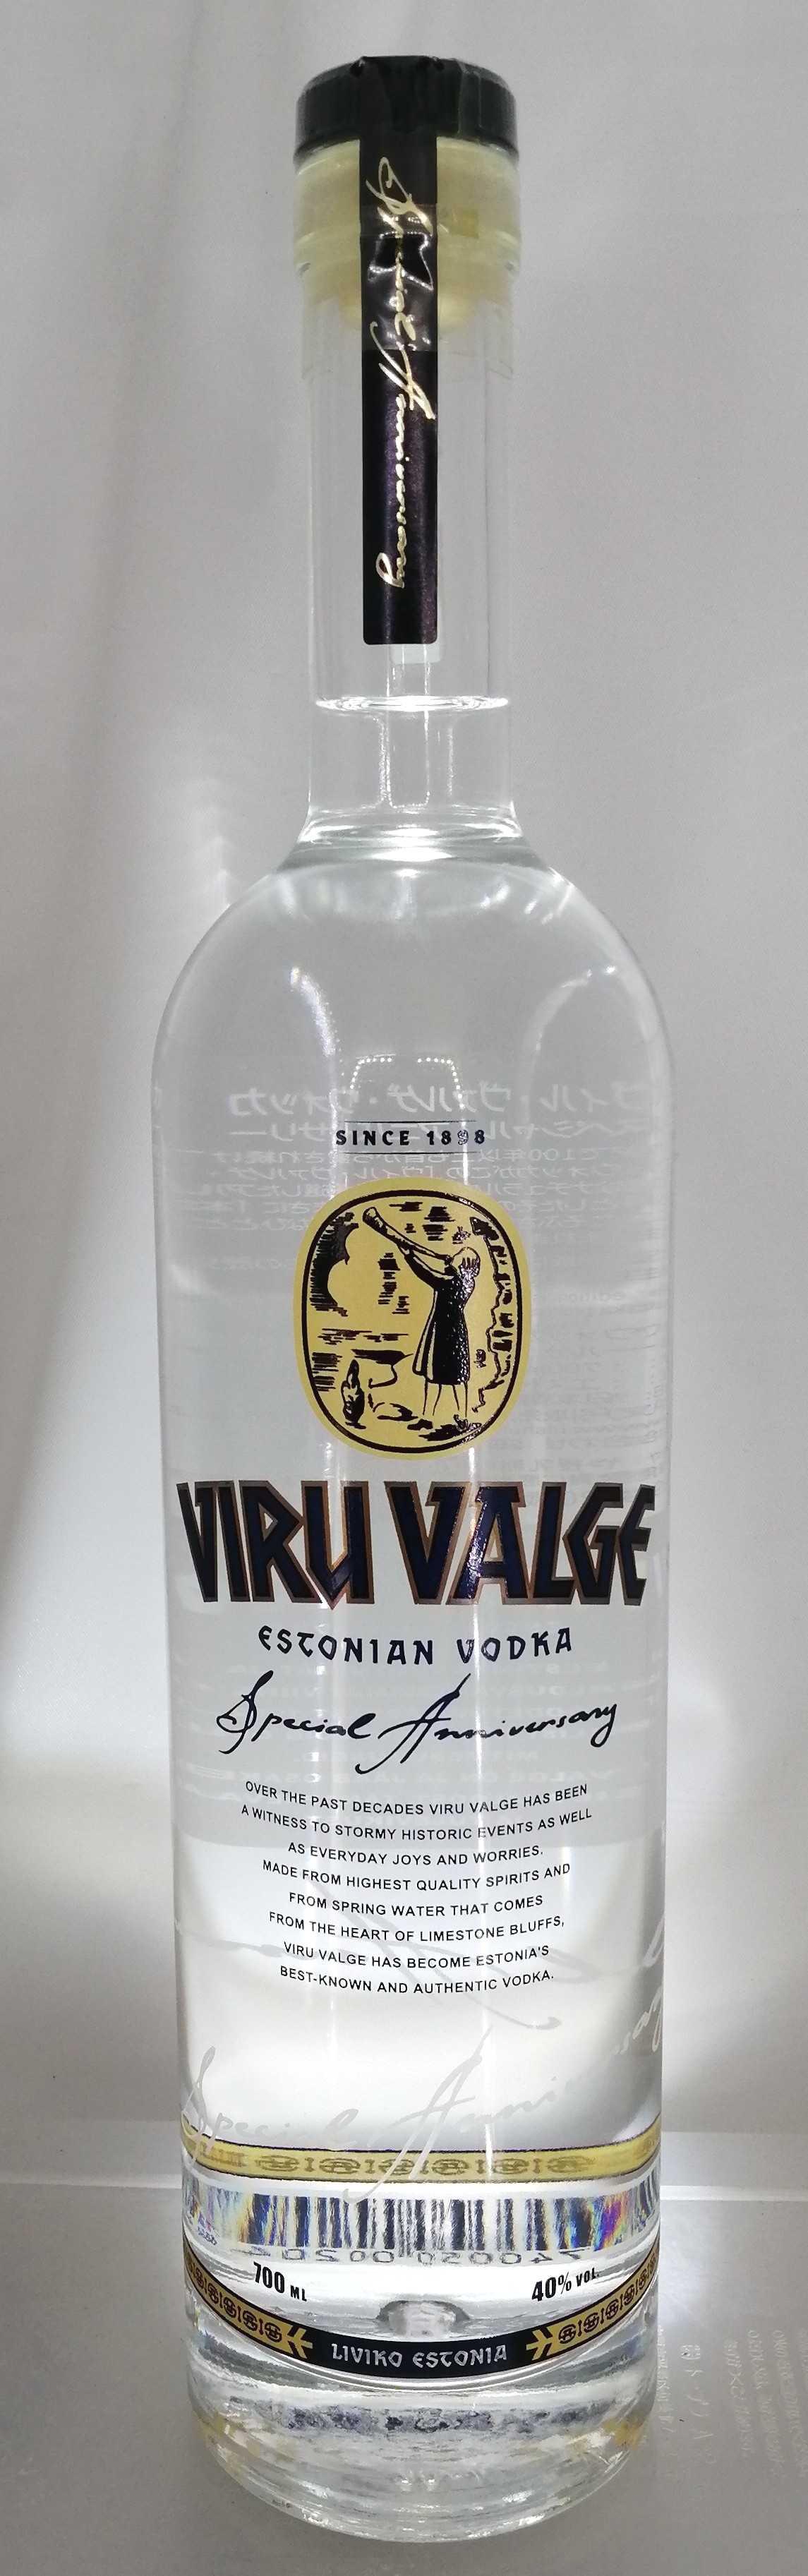 ヴィルヴァルゲ ウォッカ|viru valge